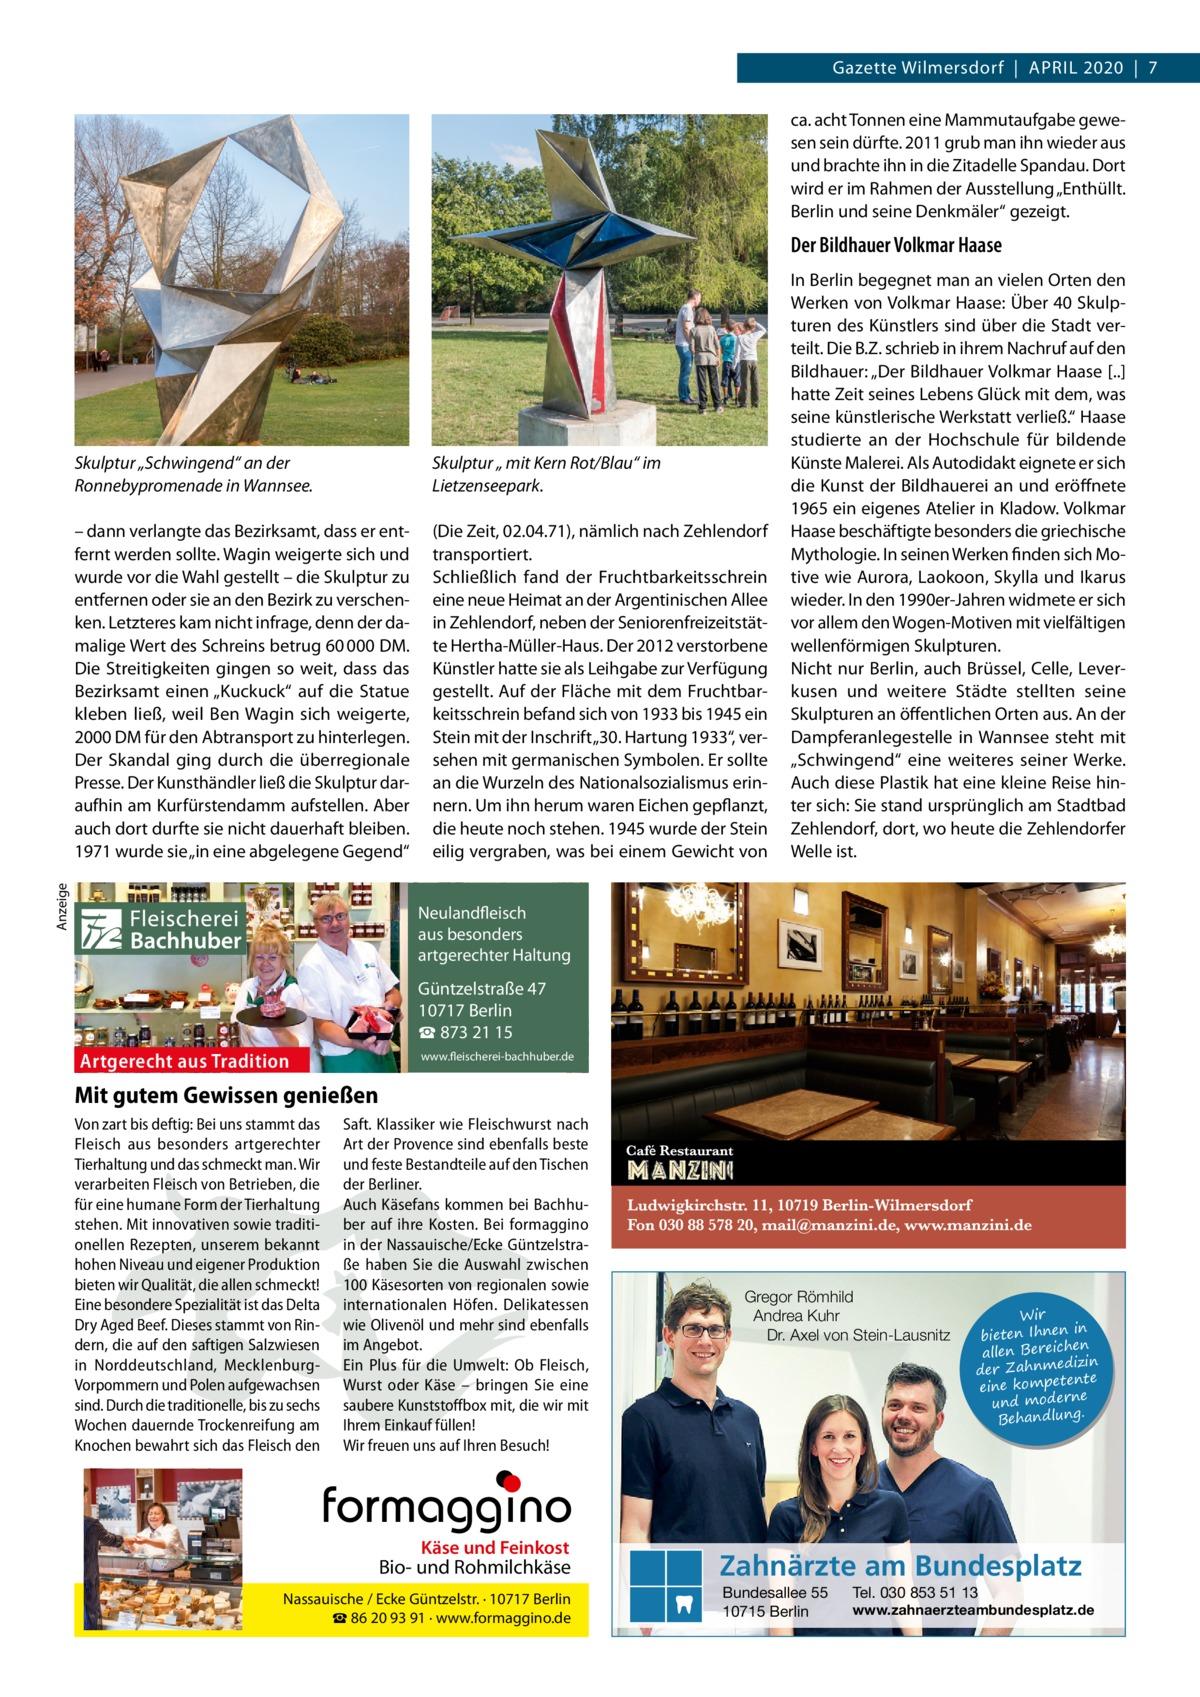 """Gazette Wilmersdorf April 2020 7 ca. acht Tonnen eine Mammutaufgabe gewesen sein dürfte. 2011 grub man ihn wieder aus und brachte ihn in die Zitadelle Spandau. Dort wird er im Rahmen der Ausstellung """"Enthüllt. Berlin und seine Denkmäler"""" gezeigt.  Anzeige  Der Bildhauer Volkmar Haase  Skulptur """"Schwingend"""" an der Ronnebypromenade in Wannsee.  Skulptur """" mit Kern Rot/Blau"""" im Lietzenseepark.  – dann verlangte das Bezirksamt, dass er entfernt werden sollte. Wagin weigerte sich und wurde vor die Wahl gestellt – die Skulptur zu entfernen oder sie an den Bezirk zu verschenken. Letzteres kam nicht infrage, denn der damalige Wert des Schreins betrug 60000DM. Die Streitigkeiten gingen so weit, dass das Bezirksamt einen """"Kuckuck"""" auf die Statue kleben ließ, weil Ben Wagin sich weigerte, 2000DM für den Abtransport zu hinterlegen. Der Skandal ging durch die überregionale Presse. Der Kunsthändler ließ die Skulptur daraufhin am Kurfürstendamm aufstellen. Aber auch dort durfte sie nicht dauerhaft bleiben. 1971 wurde sie """"in eine abgelegene Gegend""""  (Die Zeit, 02.04.71), nämlich nach Zehlendorf transportiert. Schließlich fand der Fruchtbarkeitsschrein eine neue Heimat an der Argentinischen Allee in Zehlendorf, neben der Seniorenfreizeitstätte Hertha-Müller-Haus. Der 2012 verstorbene Künstler hatte sie als Leihgabe zur Verfügung gestellt. Auf der Fläche mit dem Fruchtbarkeitsschrein befand sich von 1933 bis 1945 ein Stein mit der Inschrift """"30.Hartung 1933"""", versehen mit germanischen Symbolen. Er sollte an die Wurzeln des Nationalsozialismus erinnern. Um ihn herum waren Eichen gepflanzt, die heute noch stehen. 1945 wurde der Stein eilig vergraben, was bei einem Gewicht von  Fleischerei Bachhuber  In Berlin begegnet man an vielen Orten den Werken von Volkmar Haase: Über 40Skulpturen des Künstlers sind über die Stadt verteilt. Die B.Z. schrieb in ihrem Nachruf auf den Bildhauer: """"Der Bildhauer Volkmar Haase [..] hatte Zeit seines Lebens Glück mit dem, was seine künstlerische Werkstat"""